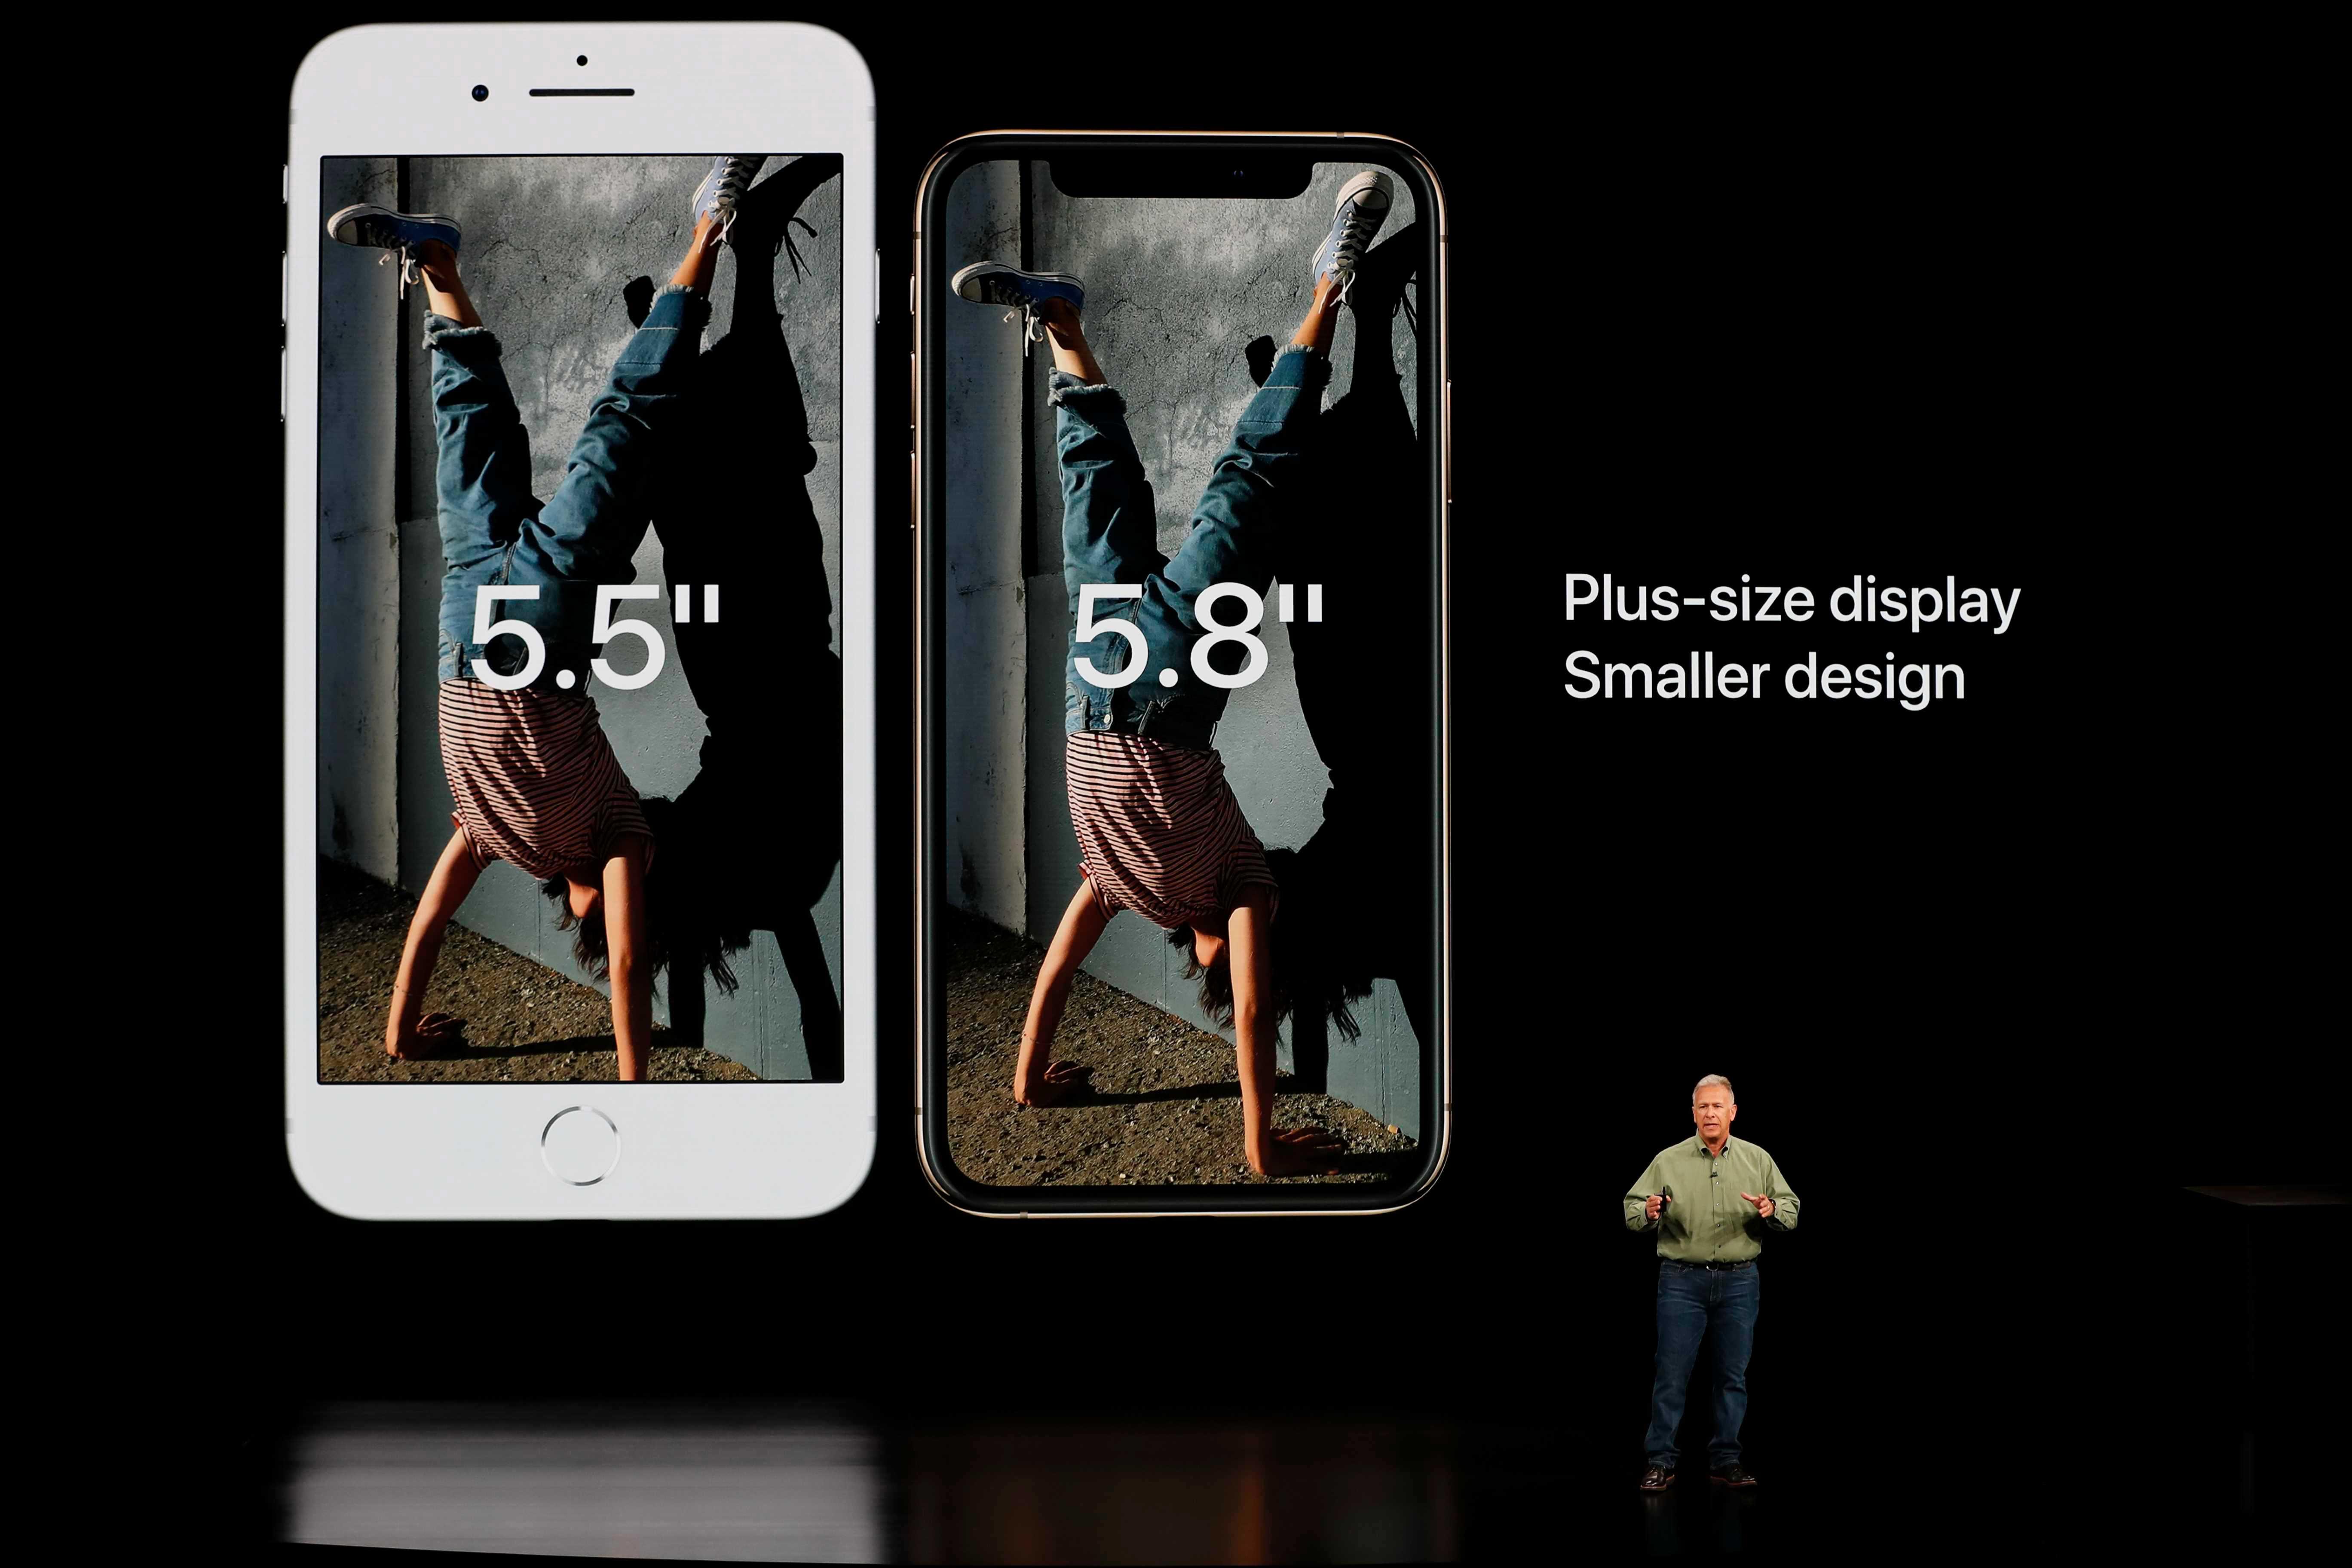 El iPhone más grande 2019 podría ser más grande que el Apple Model 2018, según los rumores móviles 6,7 pulgadas